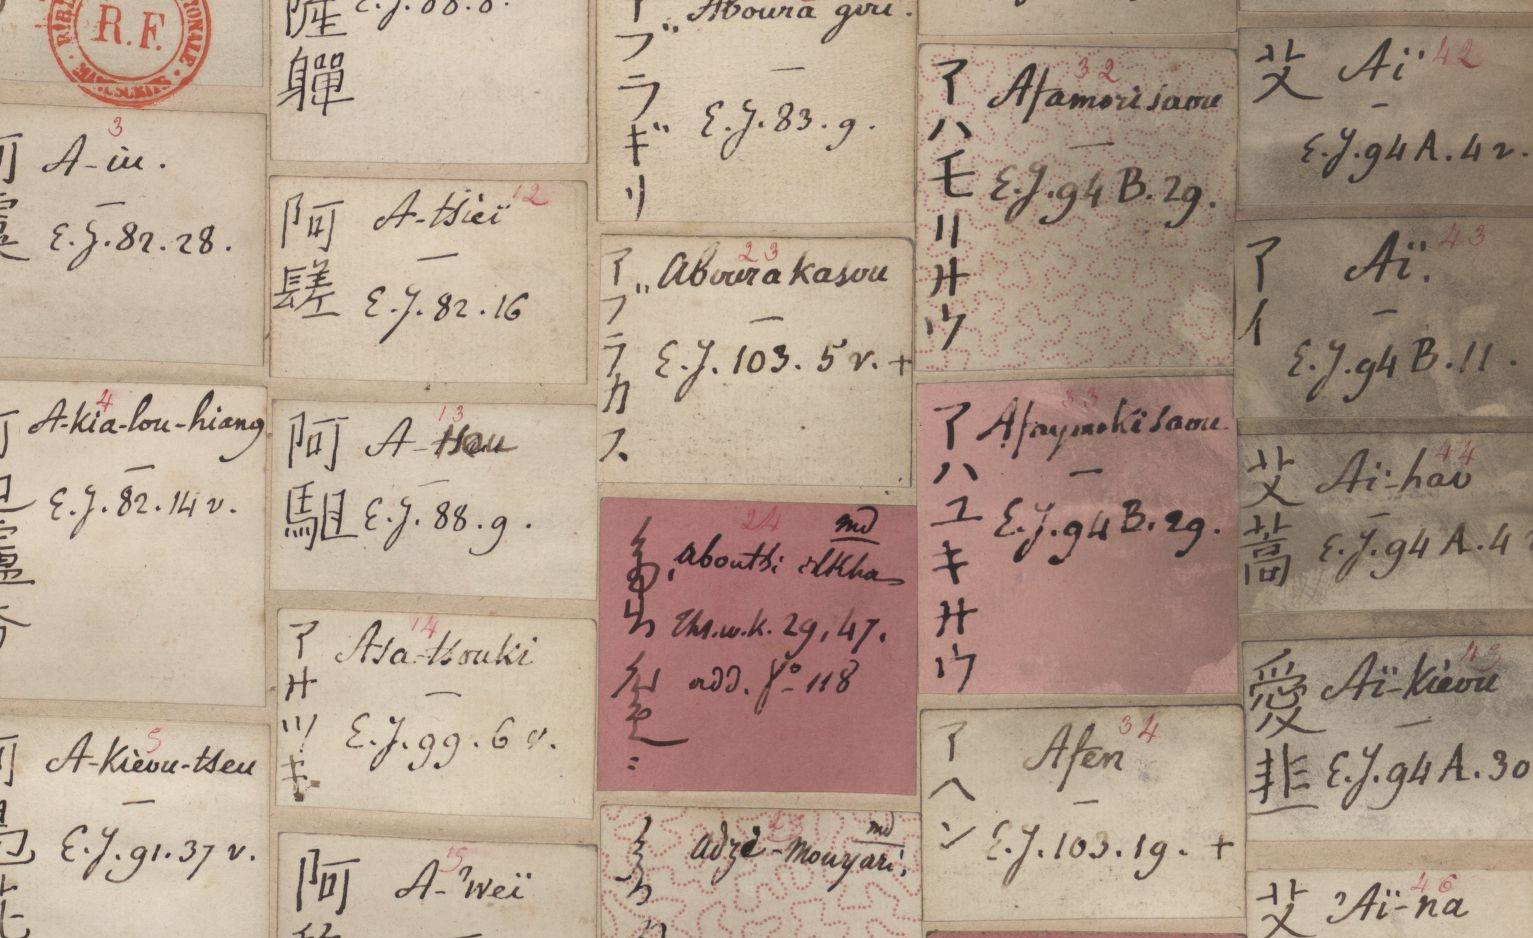 J.-P. Abel-Rémusat. Table alphabétique du Thsing-wen-kien. Japonais 392. vue 13 /